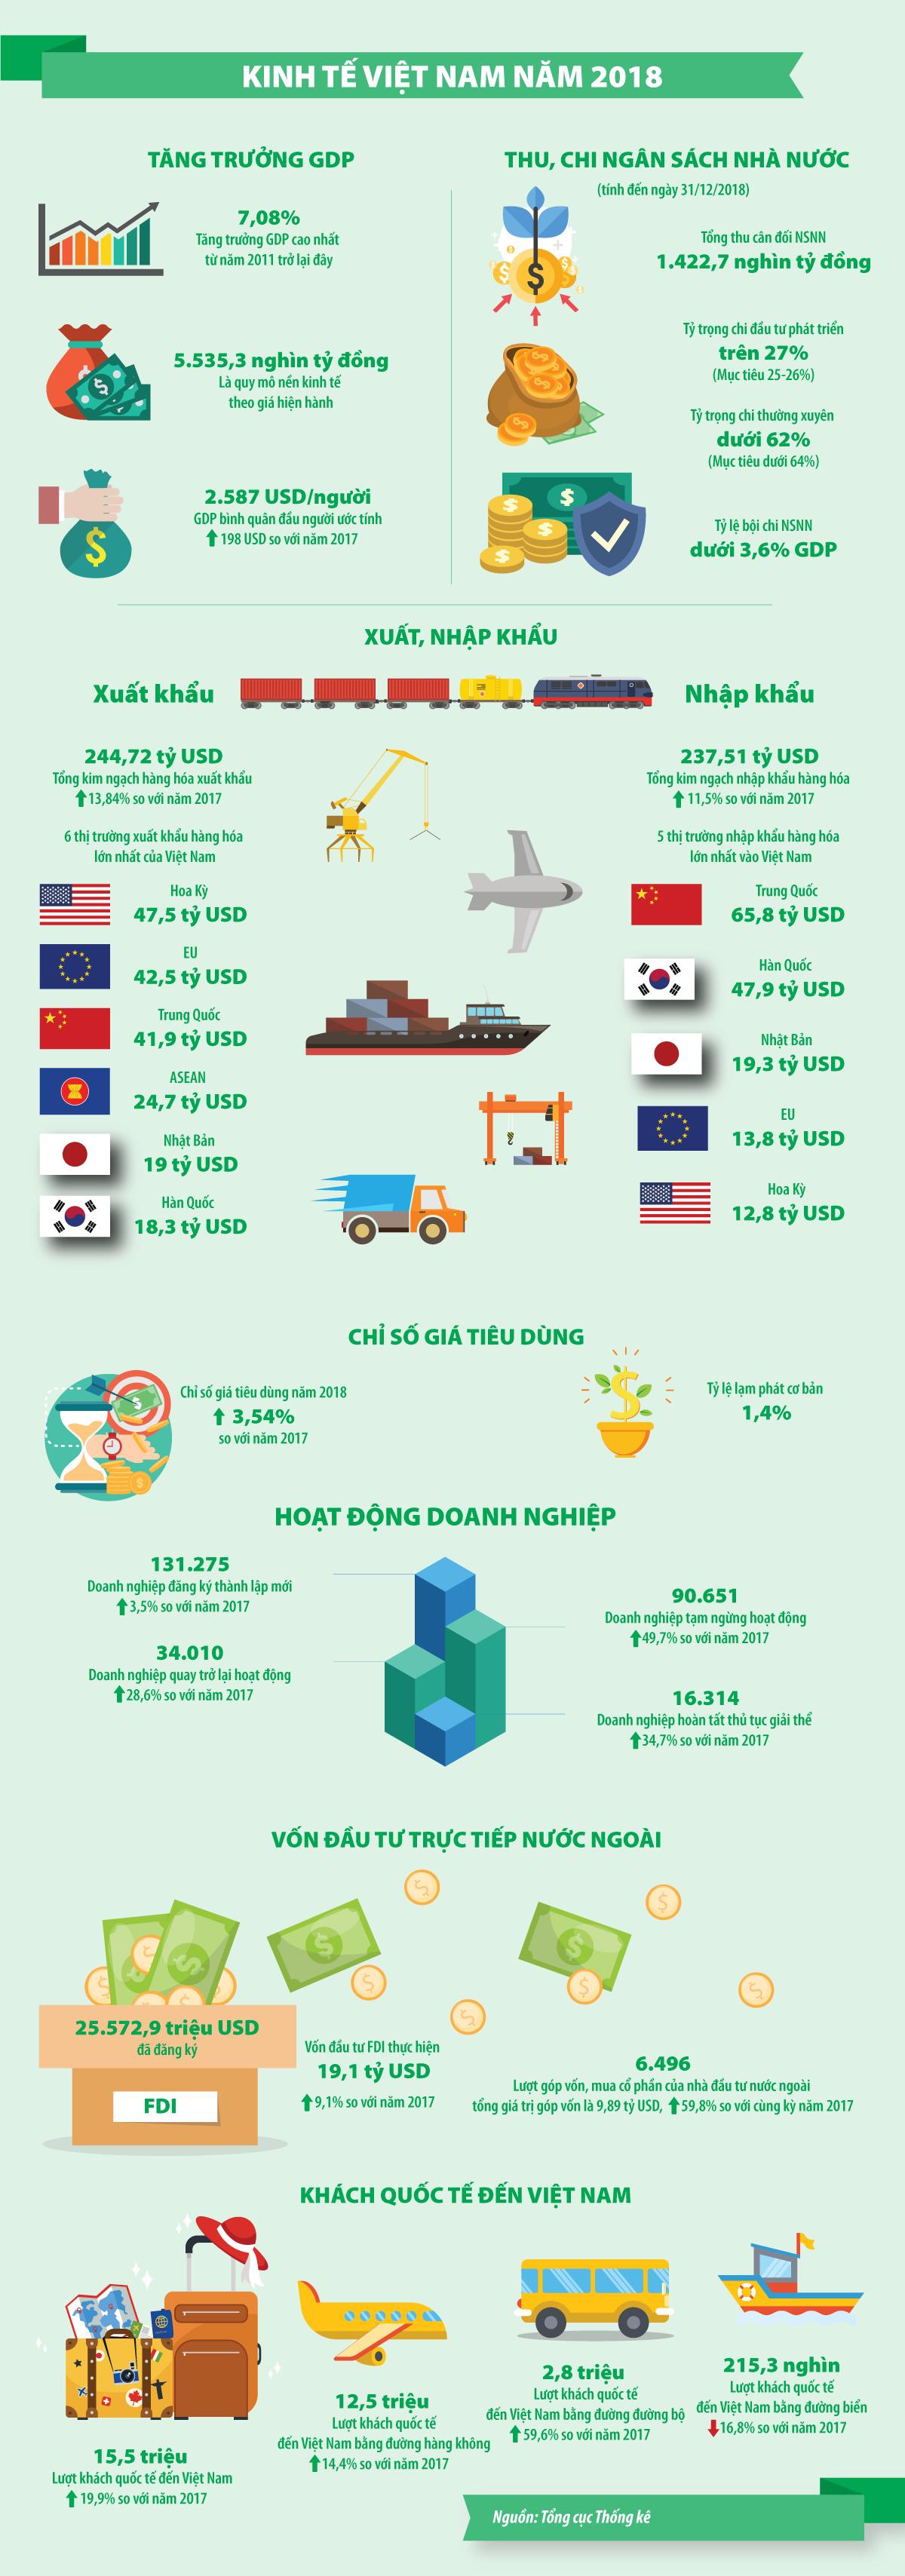 [Infographic] Kinh tế Việt Nam 2018 - Ảnh 1